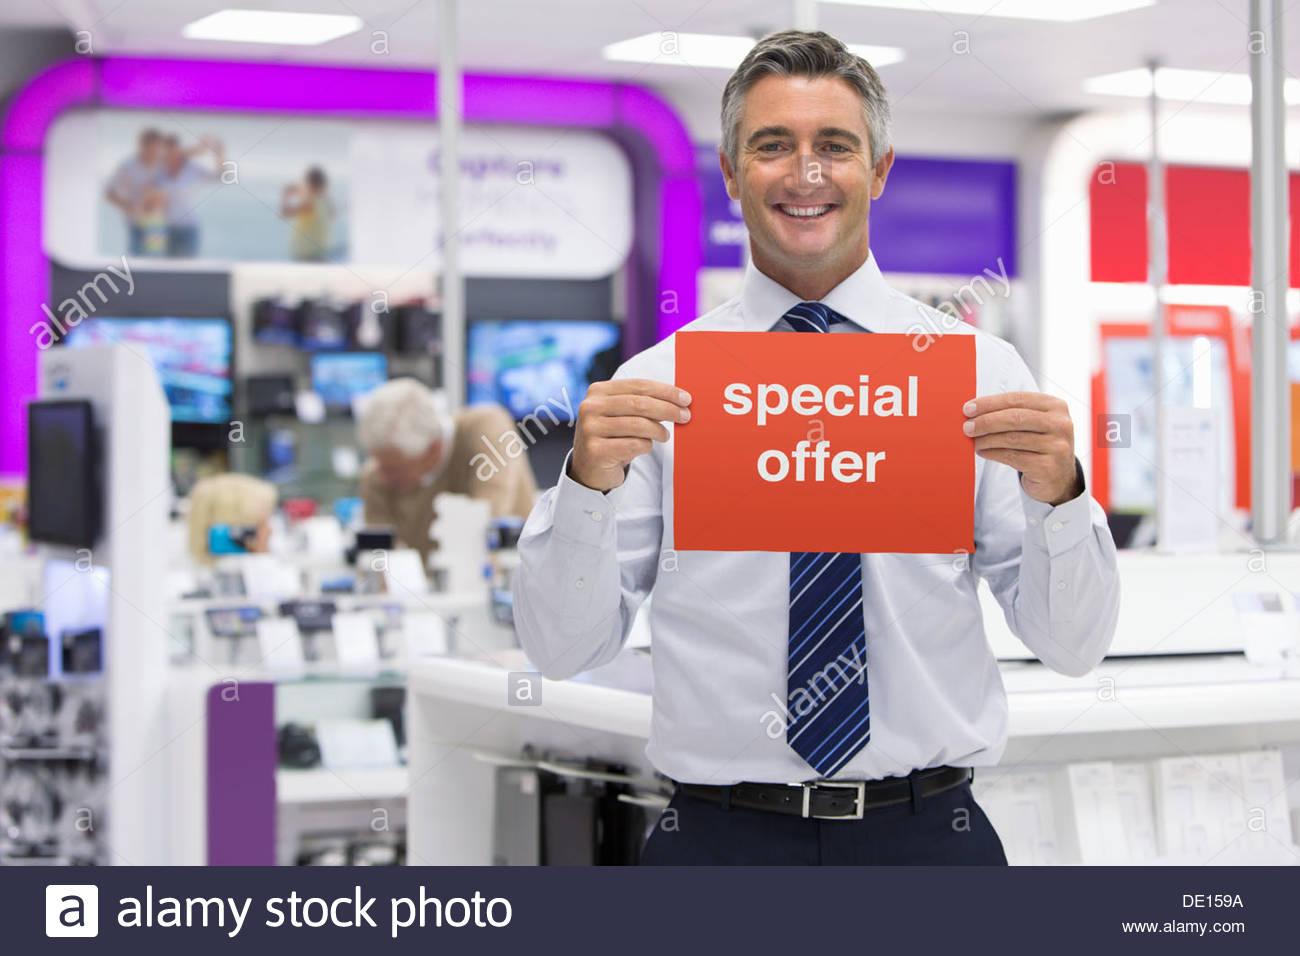 Ritratto di sorridente venditore Azienda Offerta speciale segno nel negozio di elettronica Immagini Stock